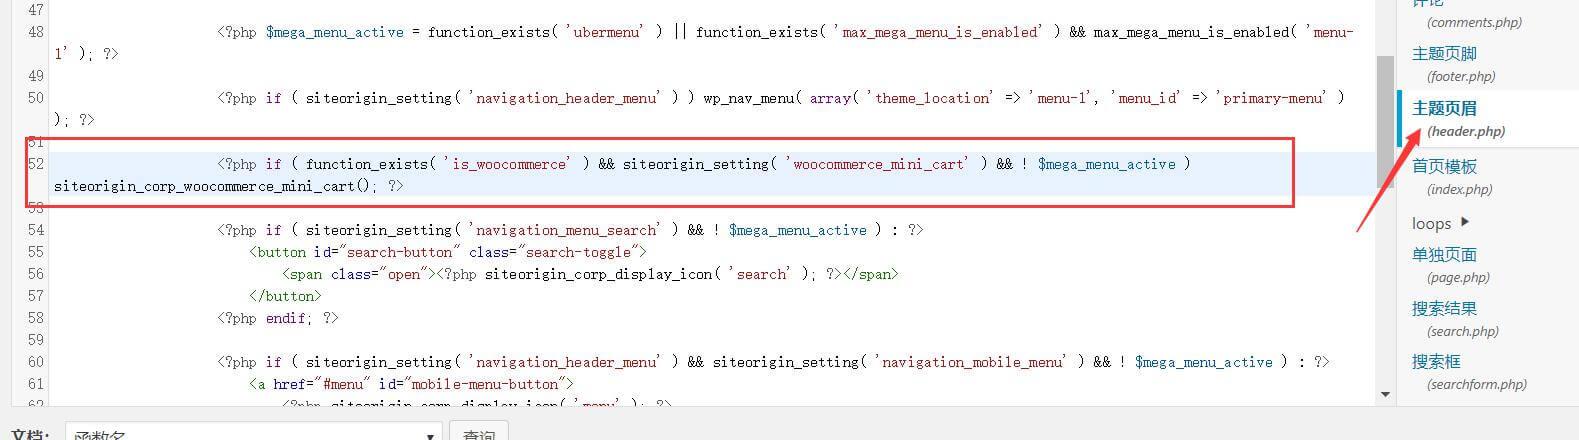 Excel批量提取关键词、数据筛选公式 3